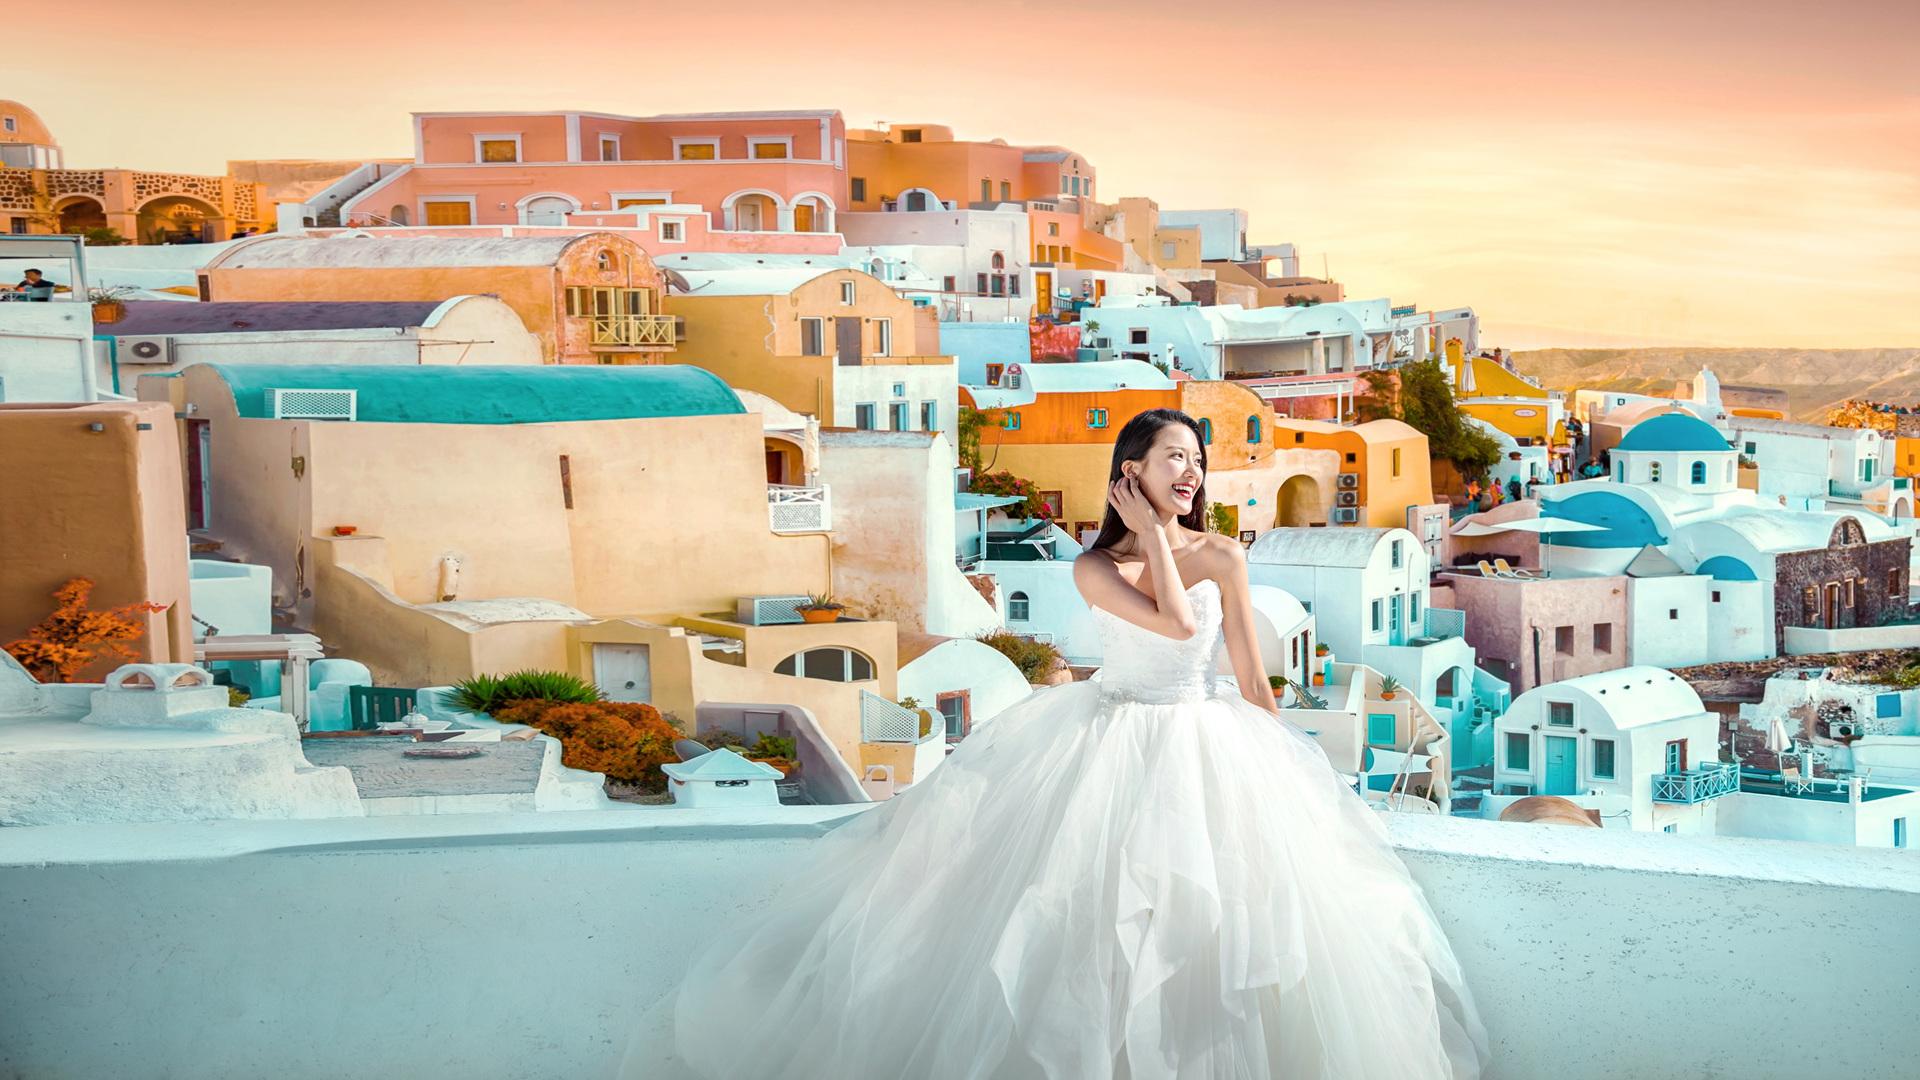 冬天厦门婚纱摄影要准备什么 有哪些注意事项